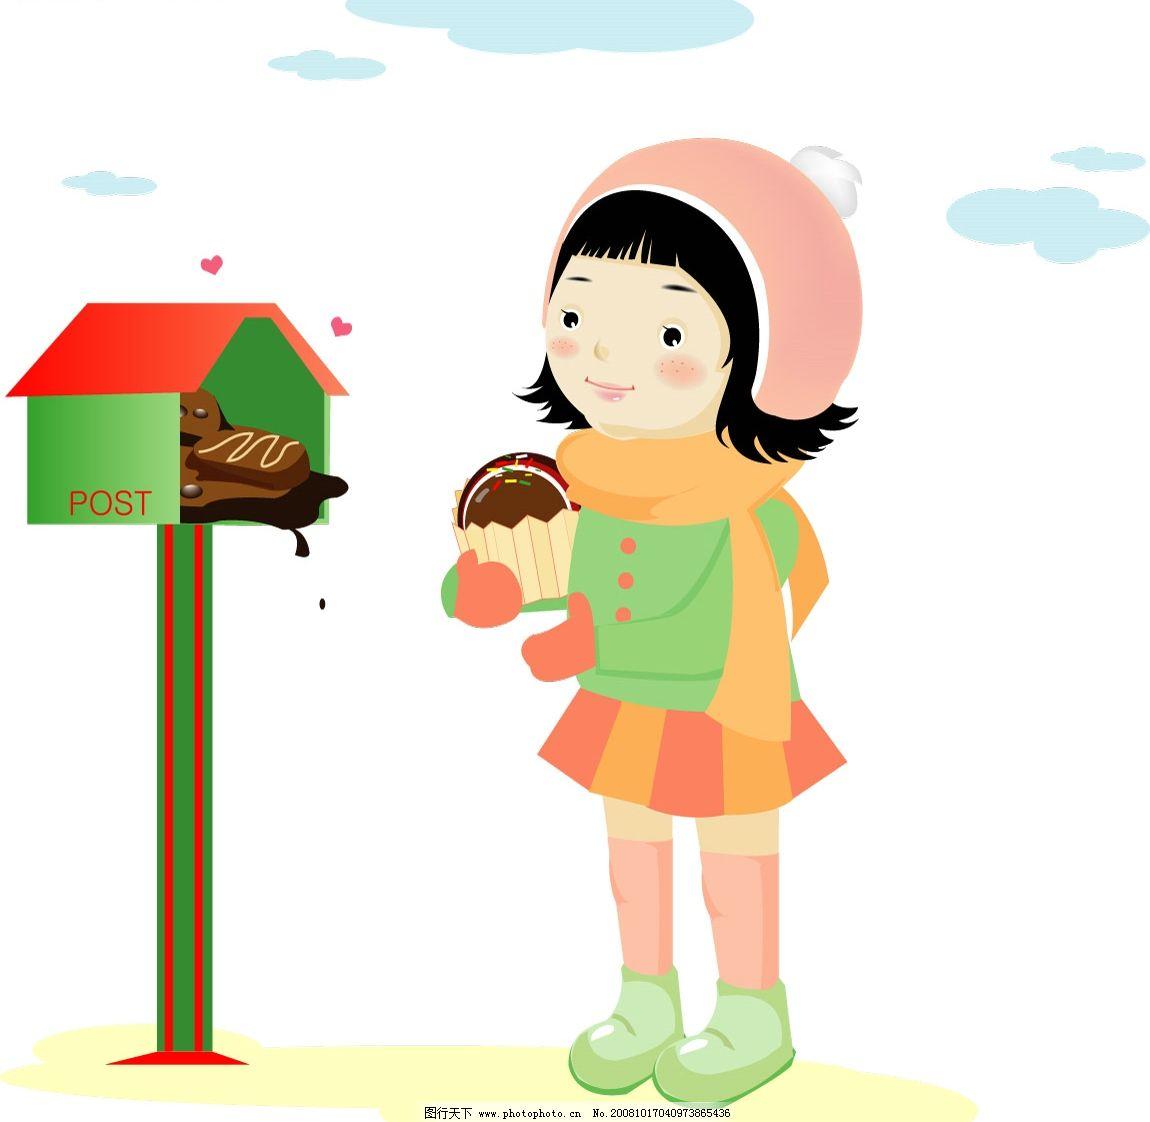 可爱卡通儿童 矢量人物 儿童幼儿 矢量图库